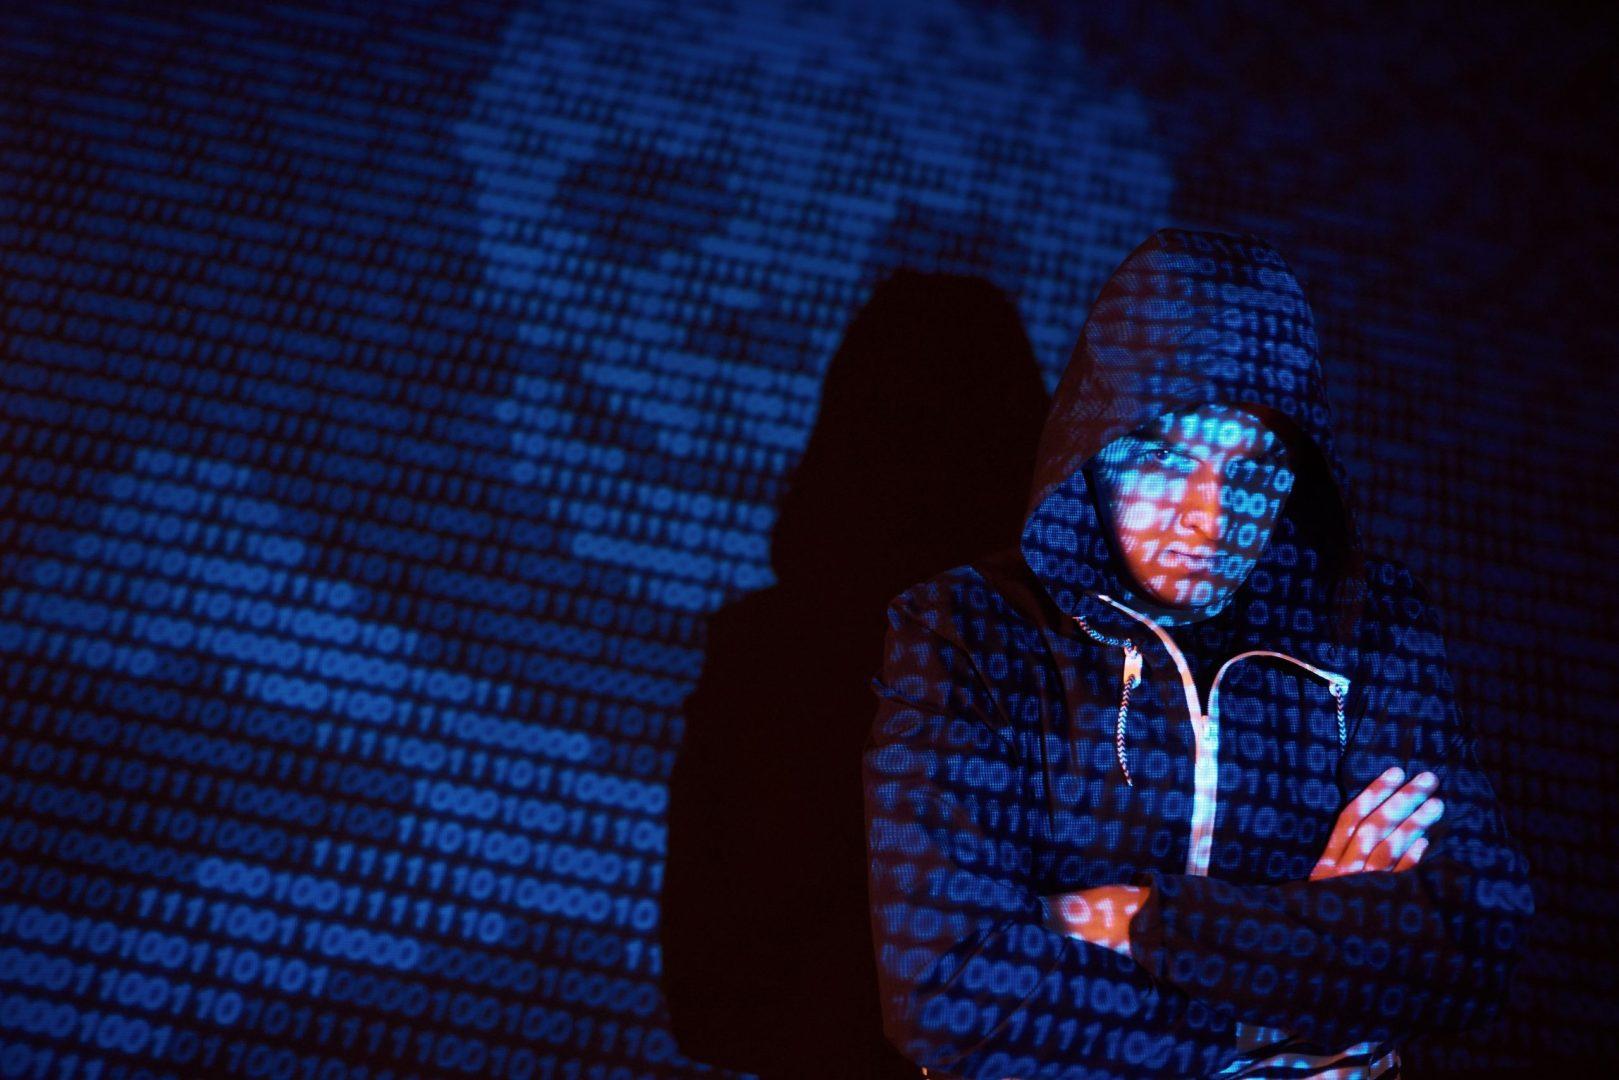 Imagen-forense-informática